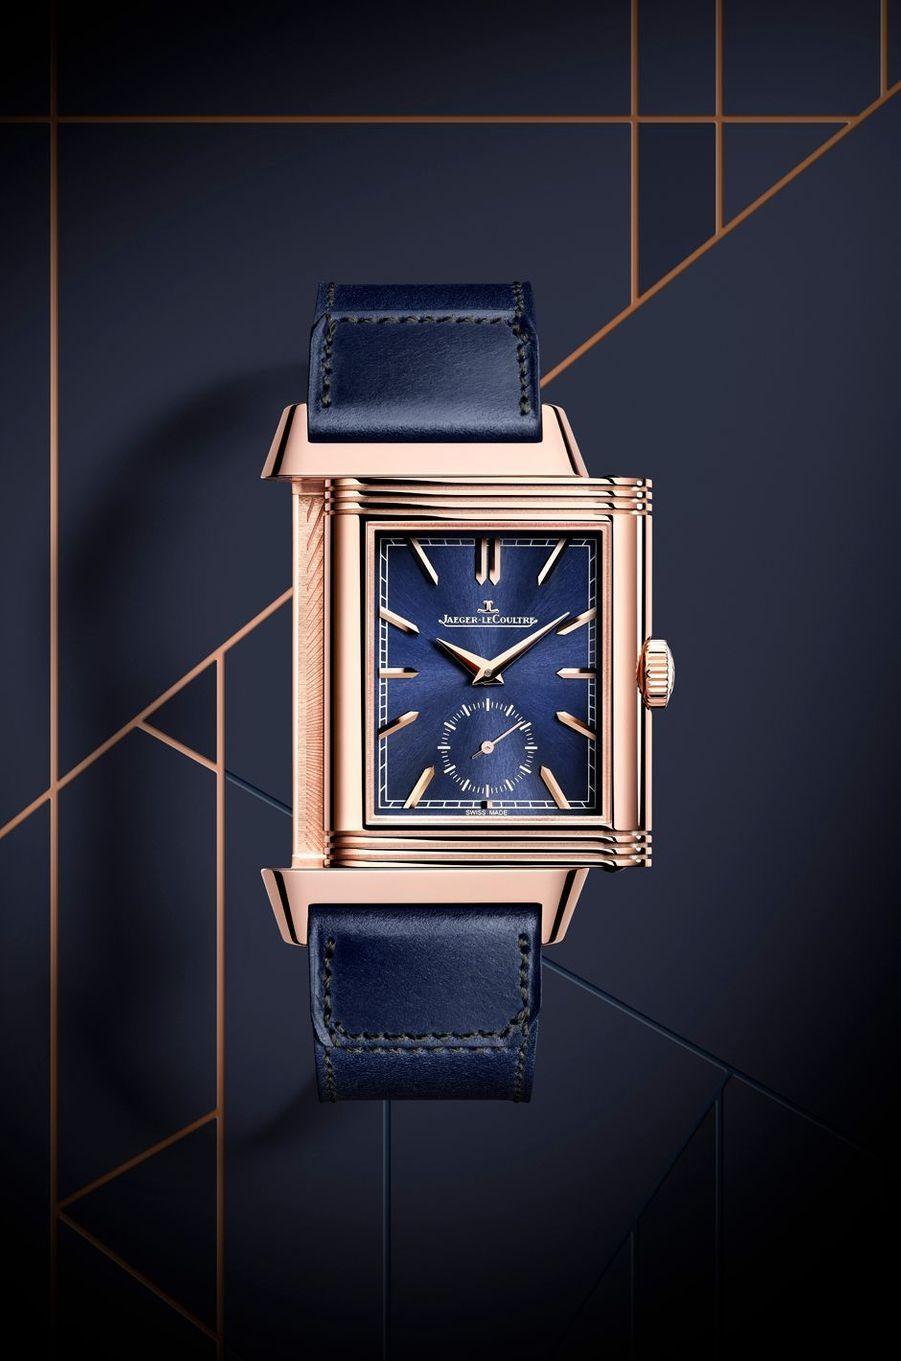 Reverso Tribute Duoface Fagliano Limited en or rose, 47 x 28 mm, mouvement à remontage manuel, bracelet en cuir. Série limtée à 100 exemplaires. Jaeger-LeCoultre.